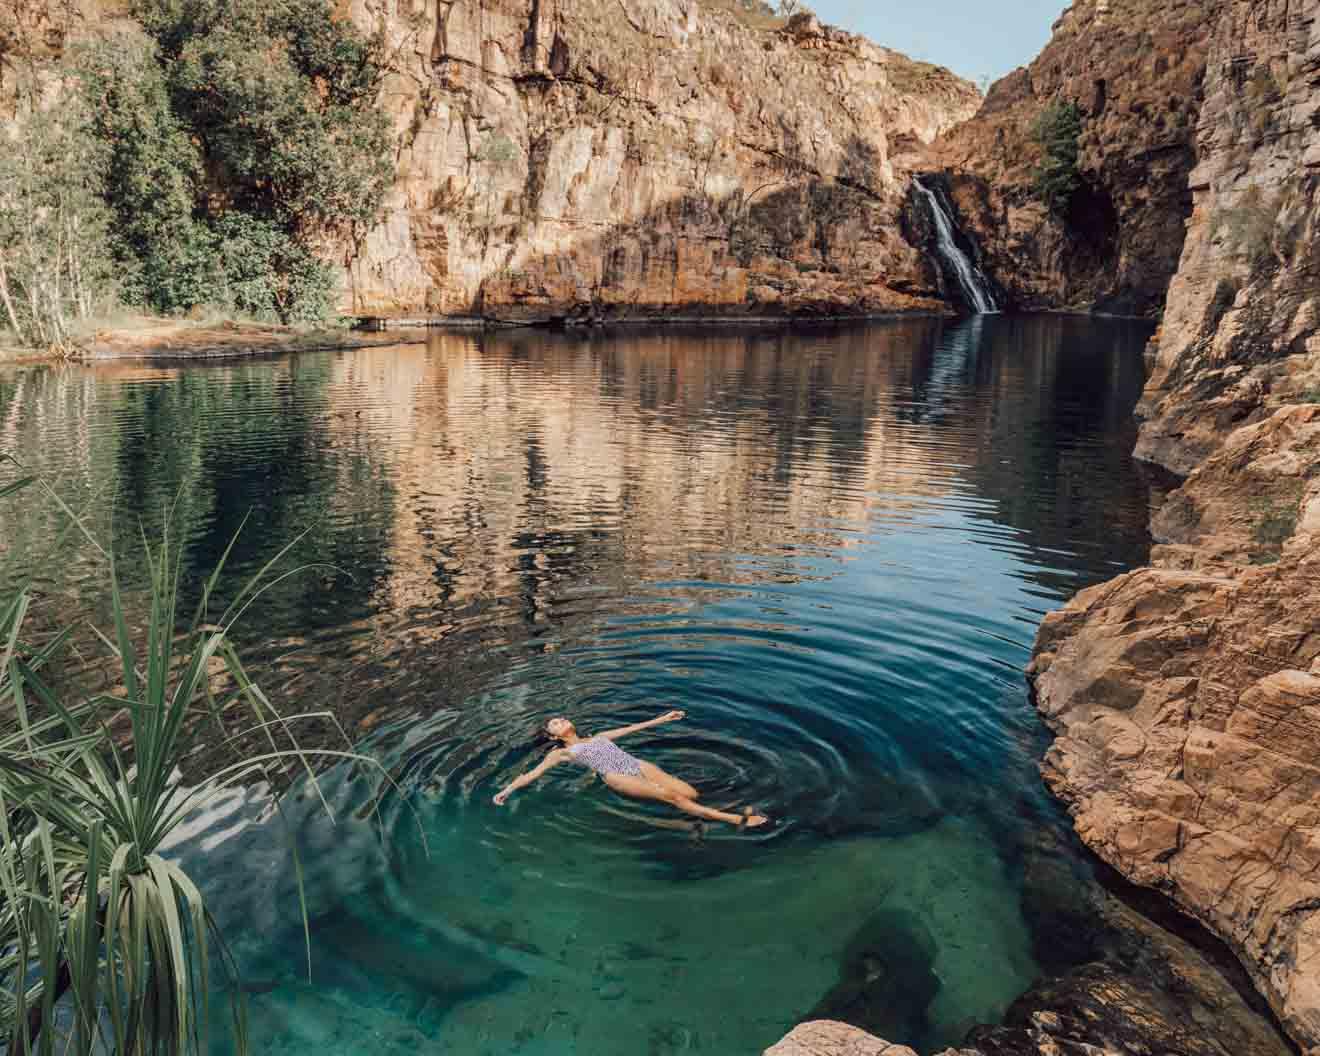 Excursiones de un día a la garganta de Barramundi desde Darwin a Kakadu